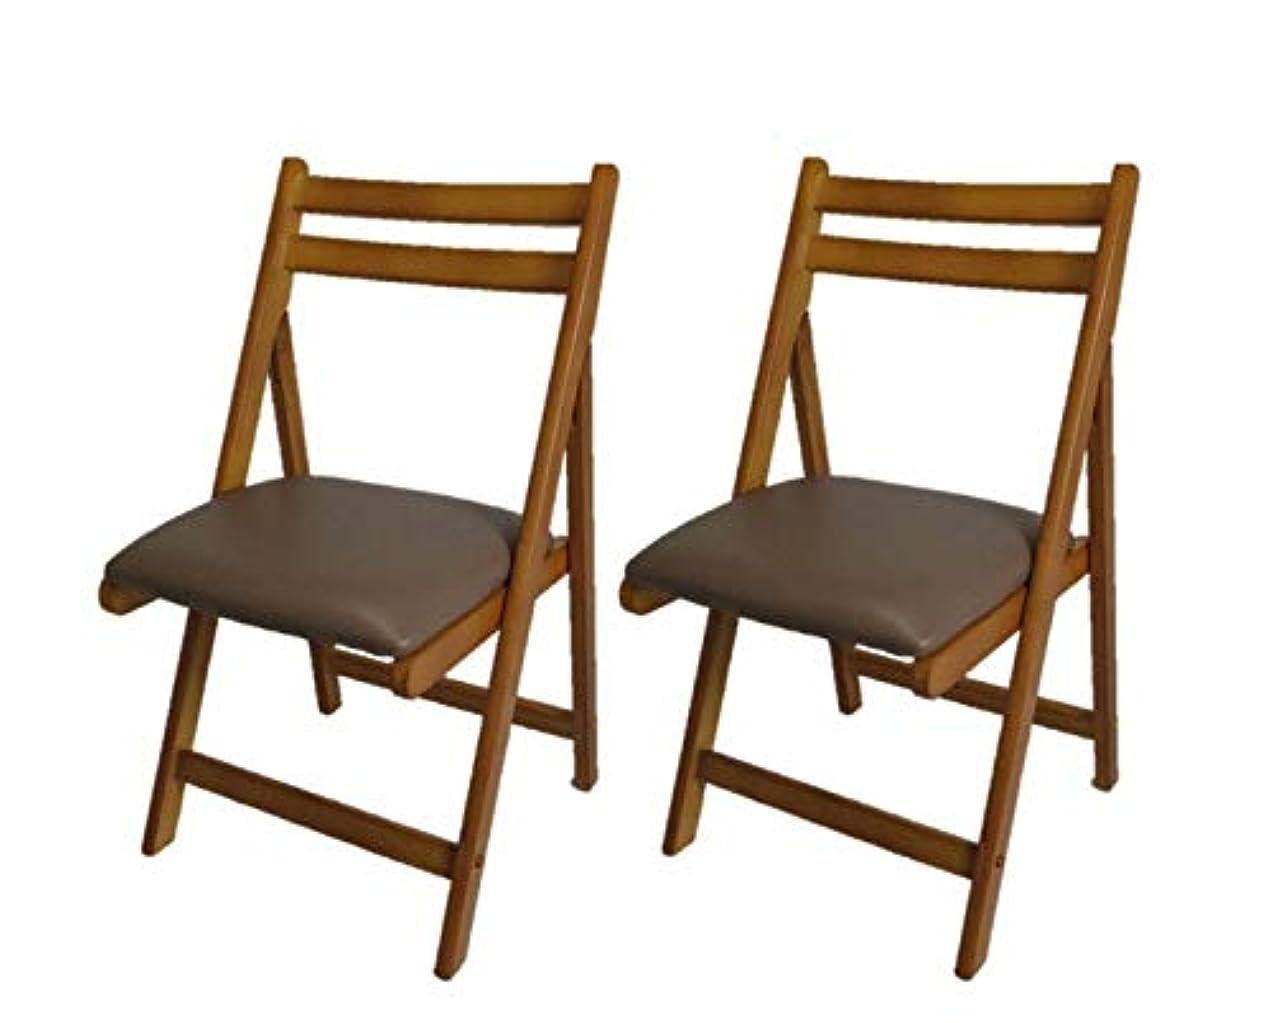 熟す漏れ実施する2脚セット 折りたたみチェア 木製椅子 ダイニングチェアー ブラウン lh-6220 br-2